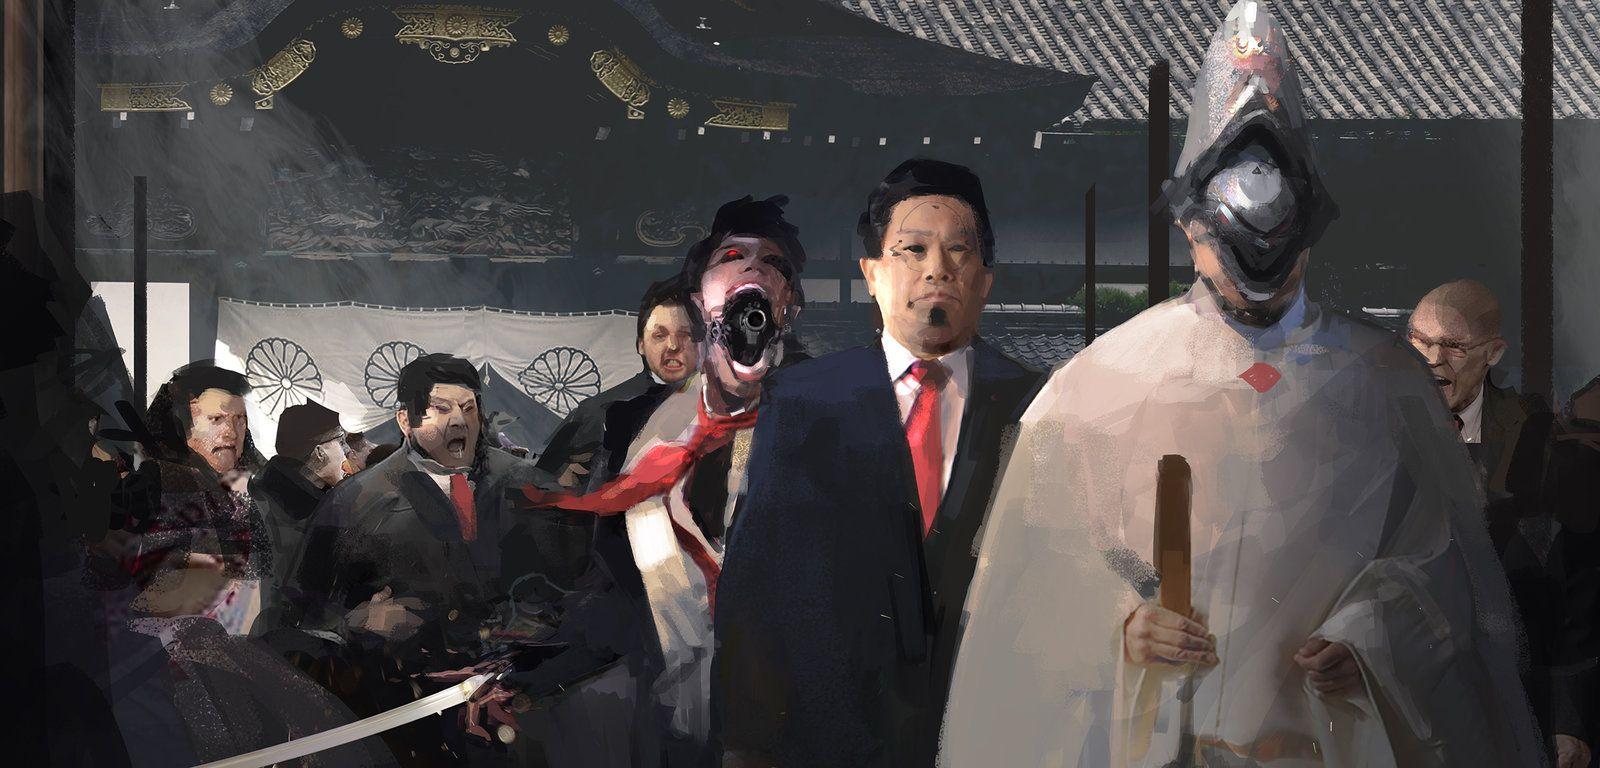 assassination, Zhengyi Wang on ArtStation at https://www.artstation.com/artwork/n0kr6